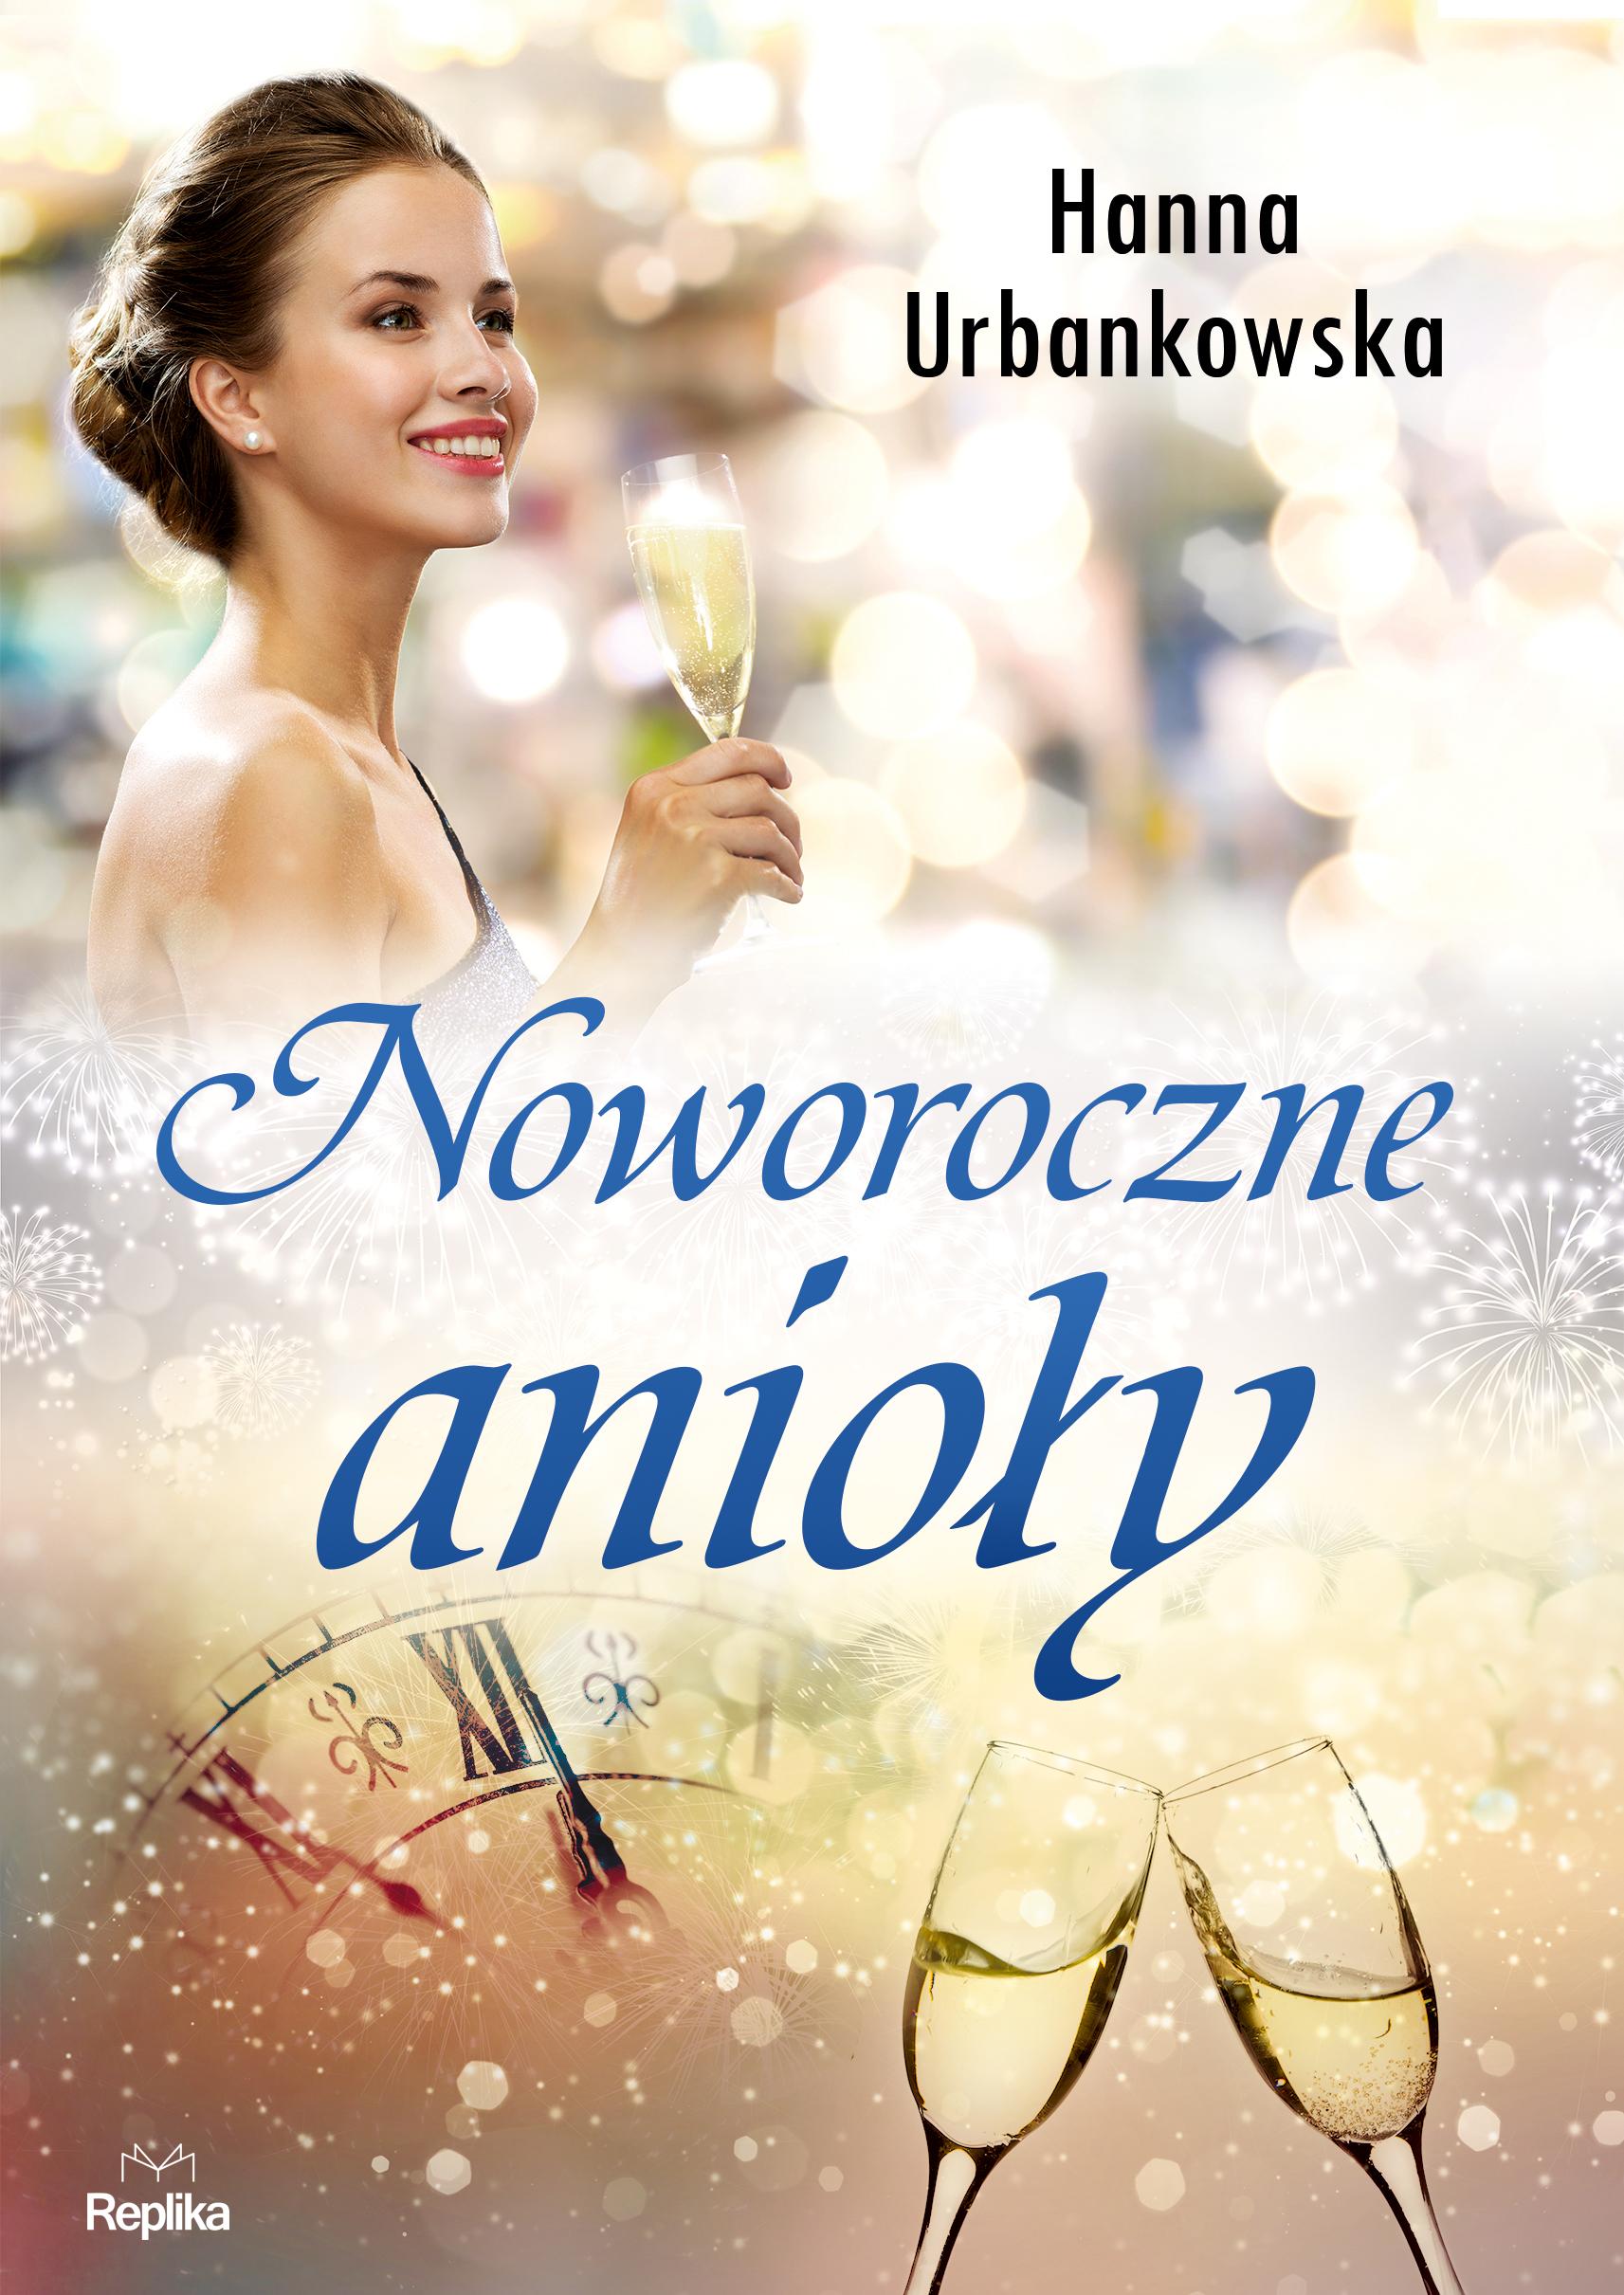 Hanna Urbankowska Noworoczne anioły